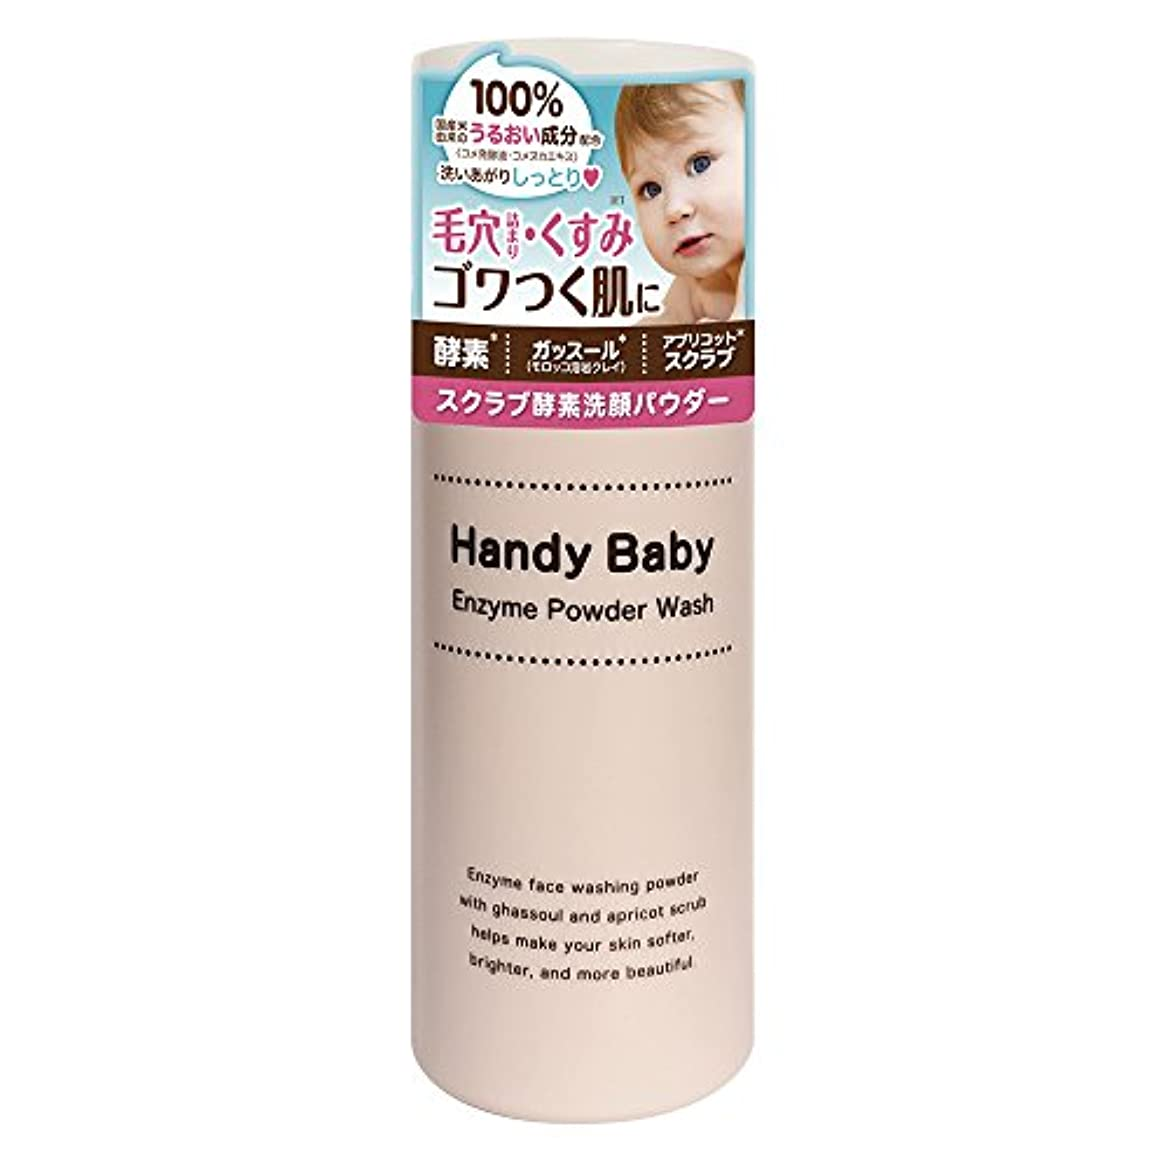 ハンディベイビー スクラブ酵素洗顔パウダー (50g)